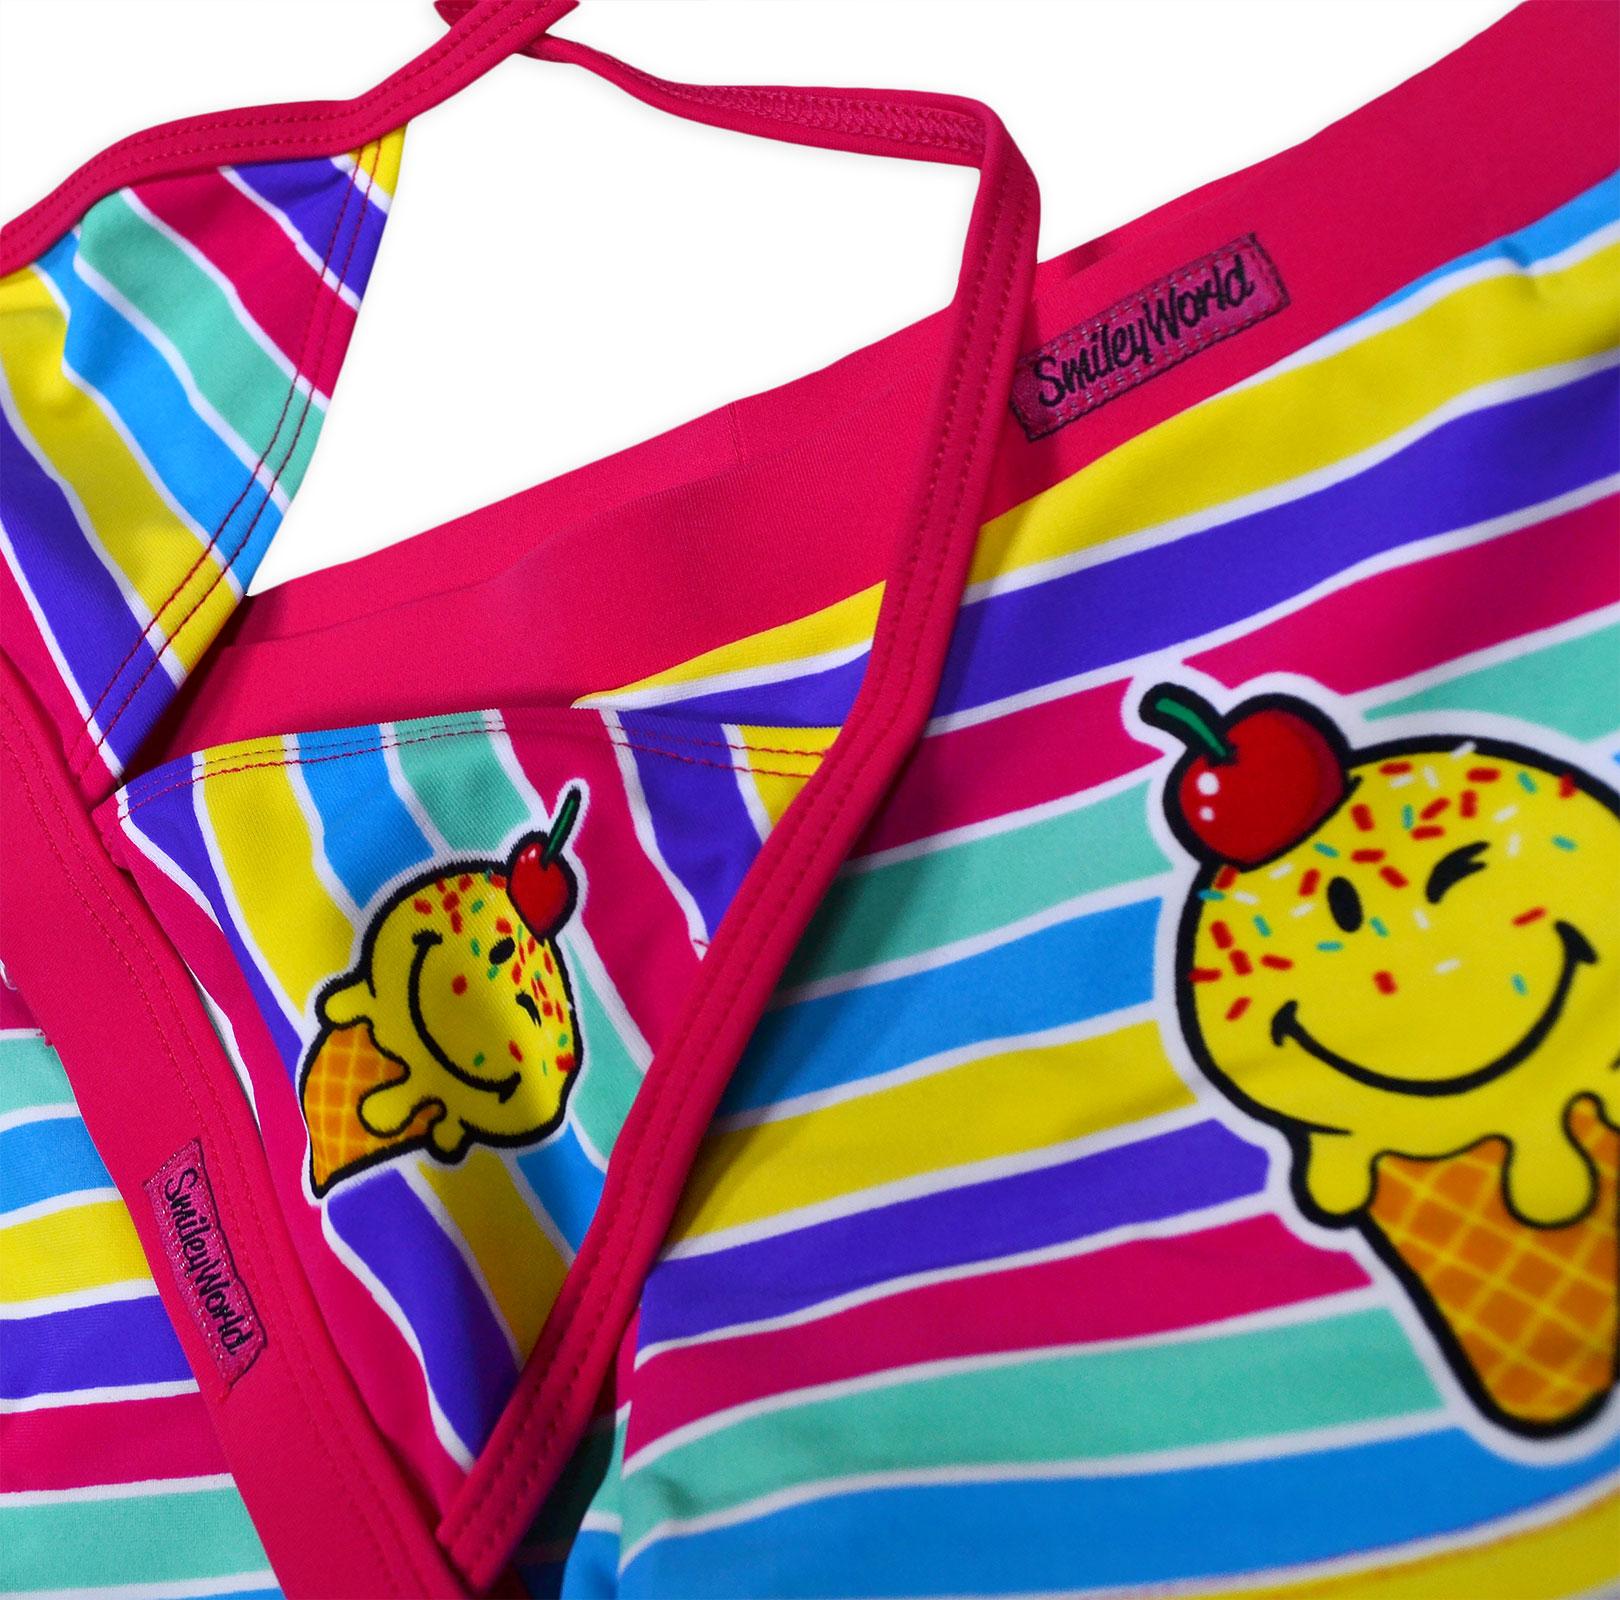 56b87f085bb42 Girls New Smiley World Bikini Swimming Costume Swimsuit Emoji ...